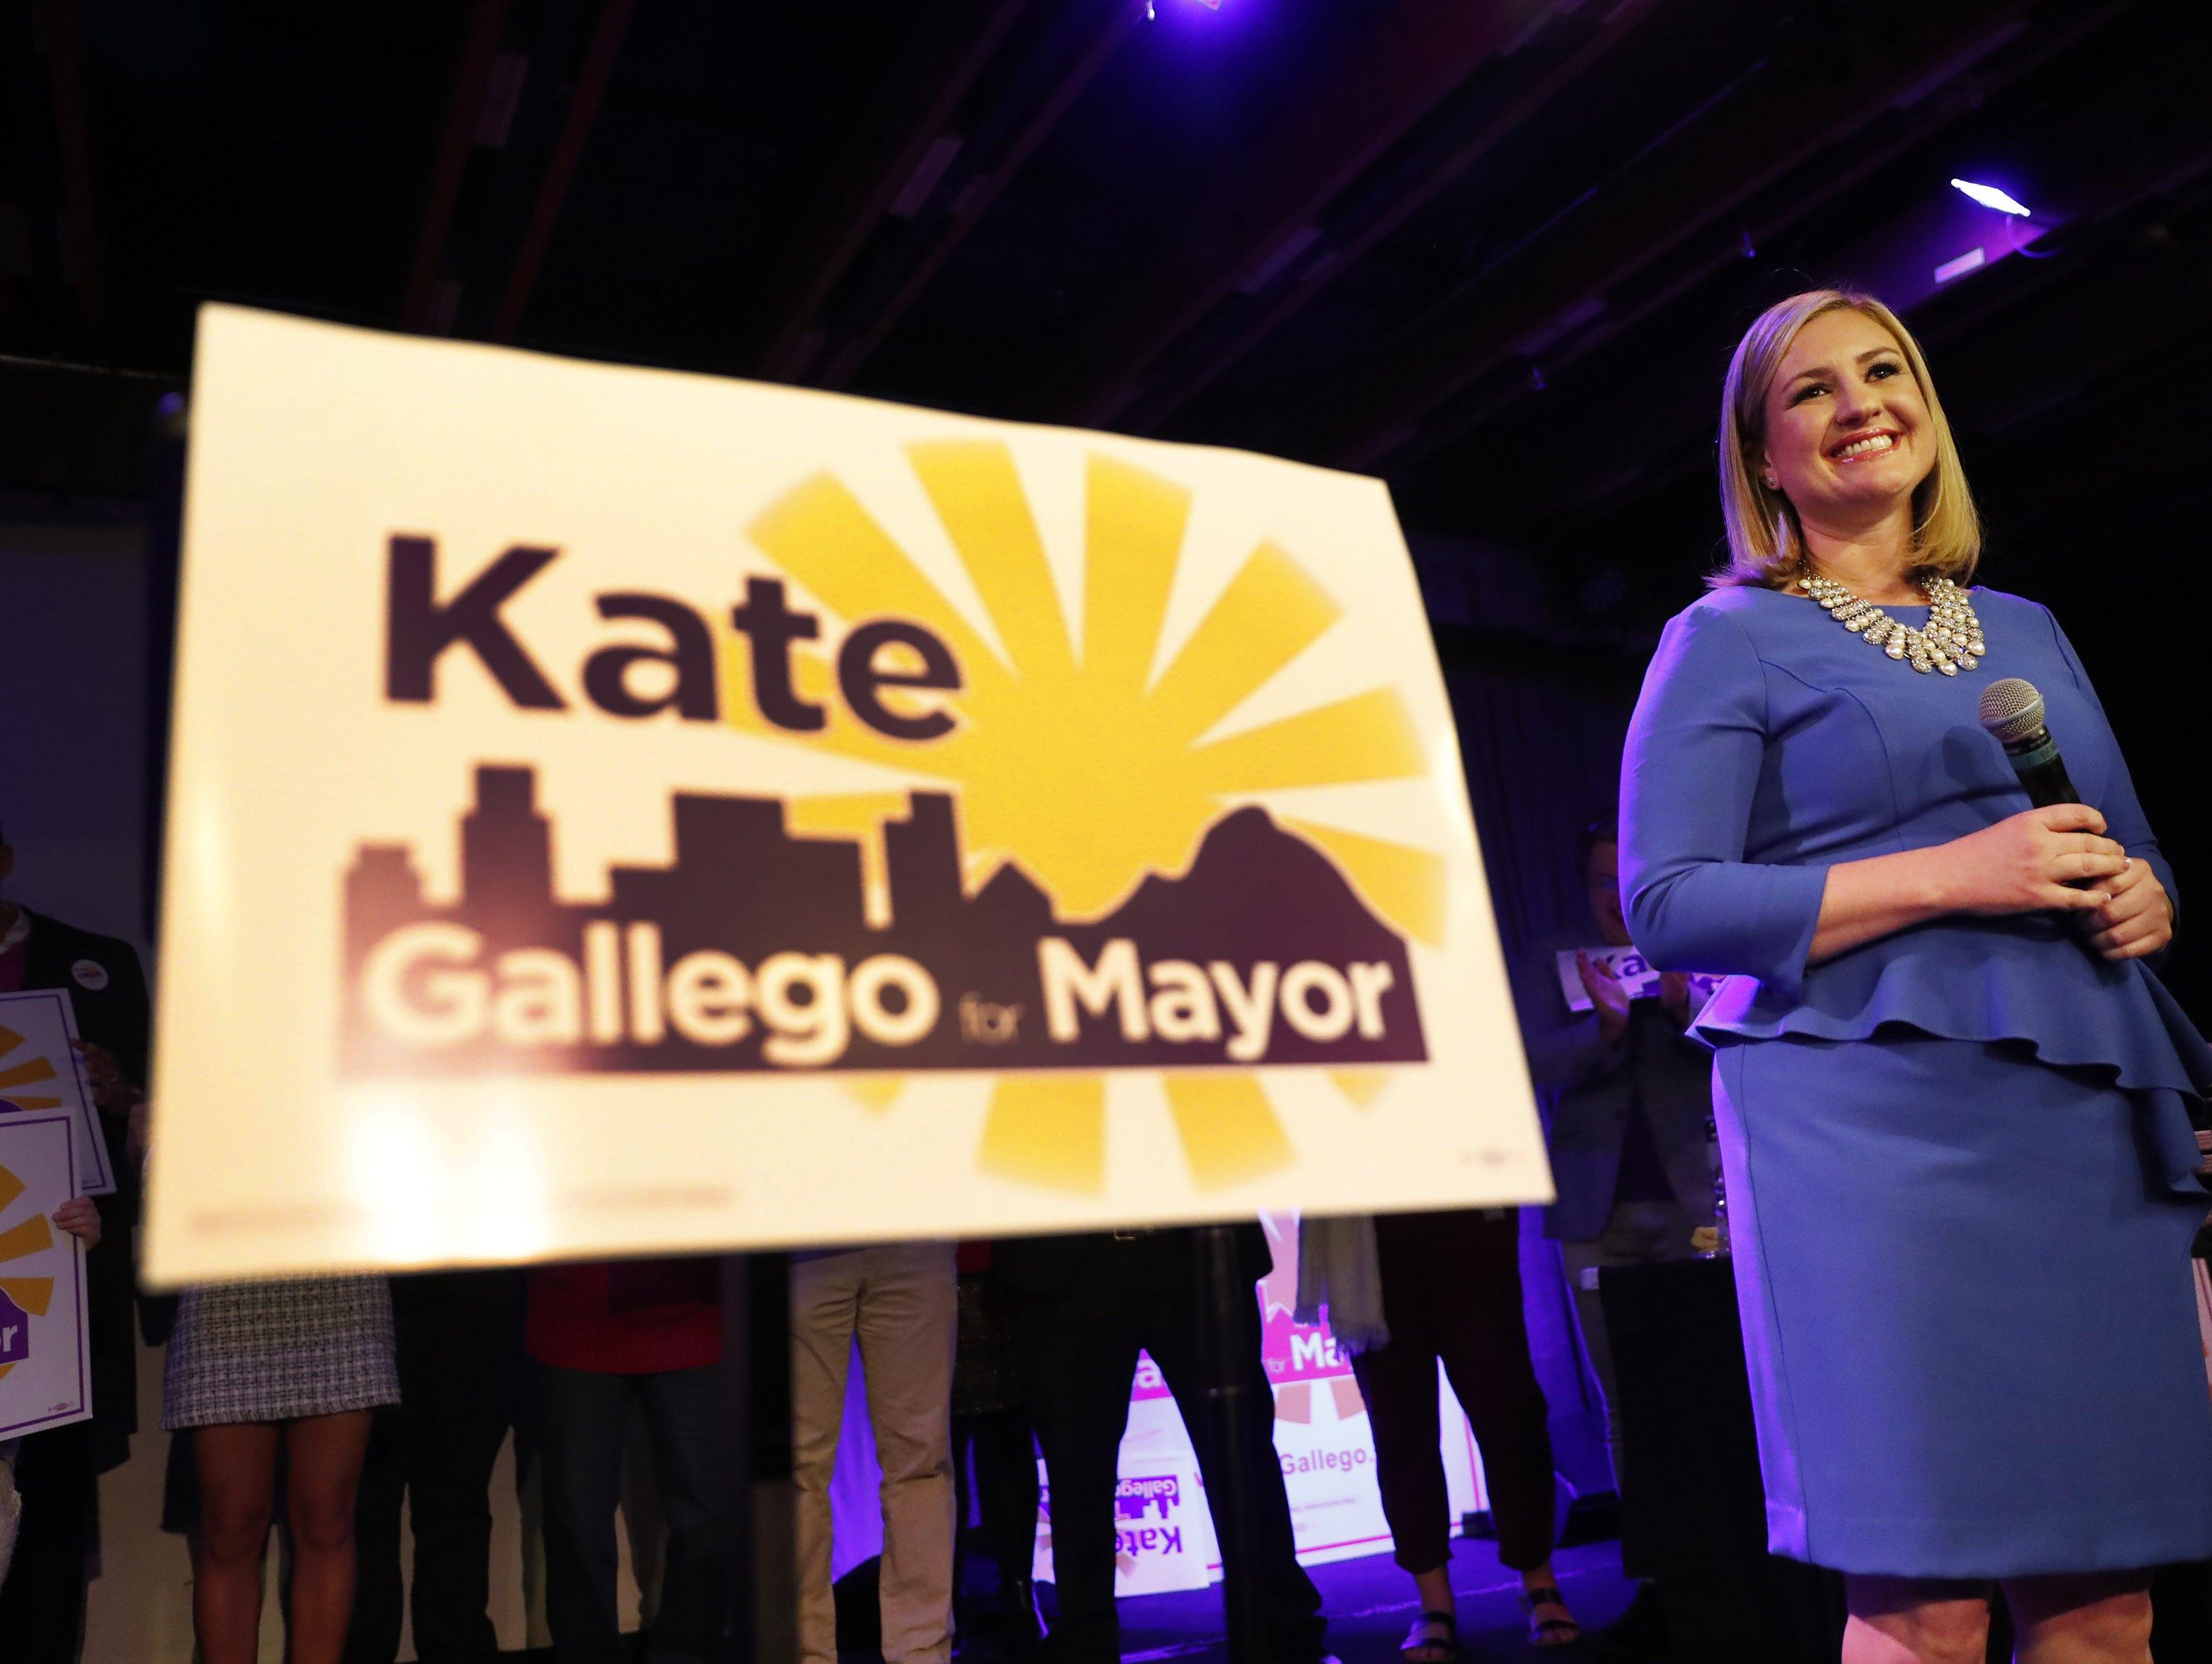 Kate Gallego celebra la victoria junto a sus partidarios en el Crescent Ballroom, tras ganar la contienda para alcalde de Phoenix. Ella superó por un amplio margen a Daniel Valenzuela para convertirse en la 2da alcaldesa en la historia de Phoenix